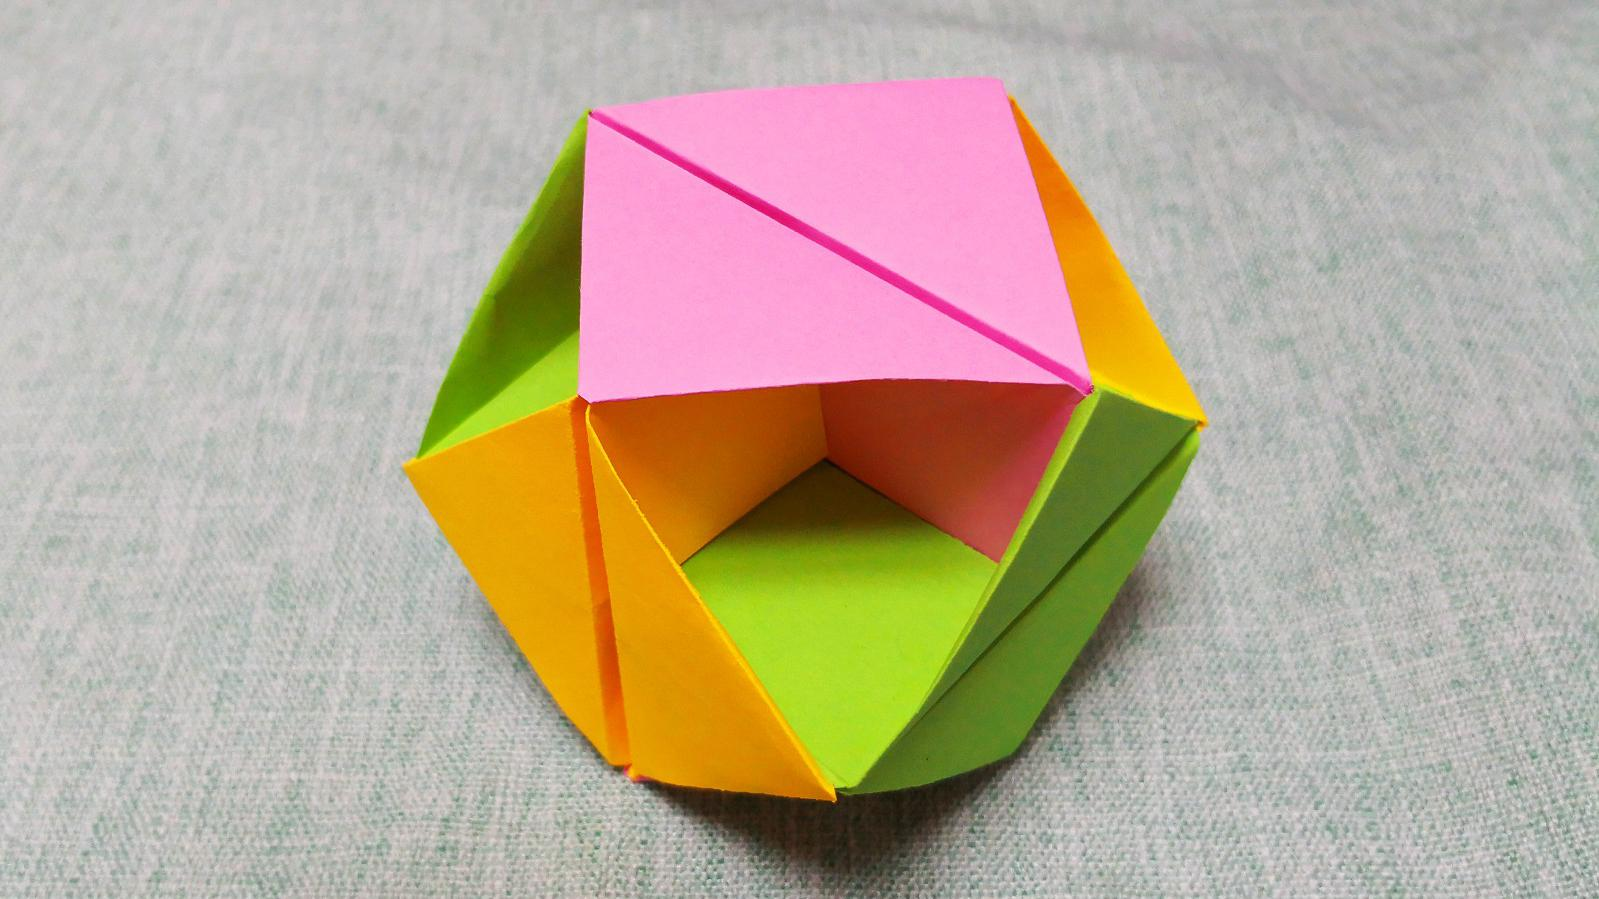 折纸大全手工制作六面立方体收纳盒拥有14格收纳空间简单漂亮